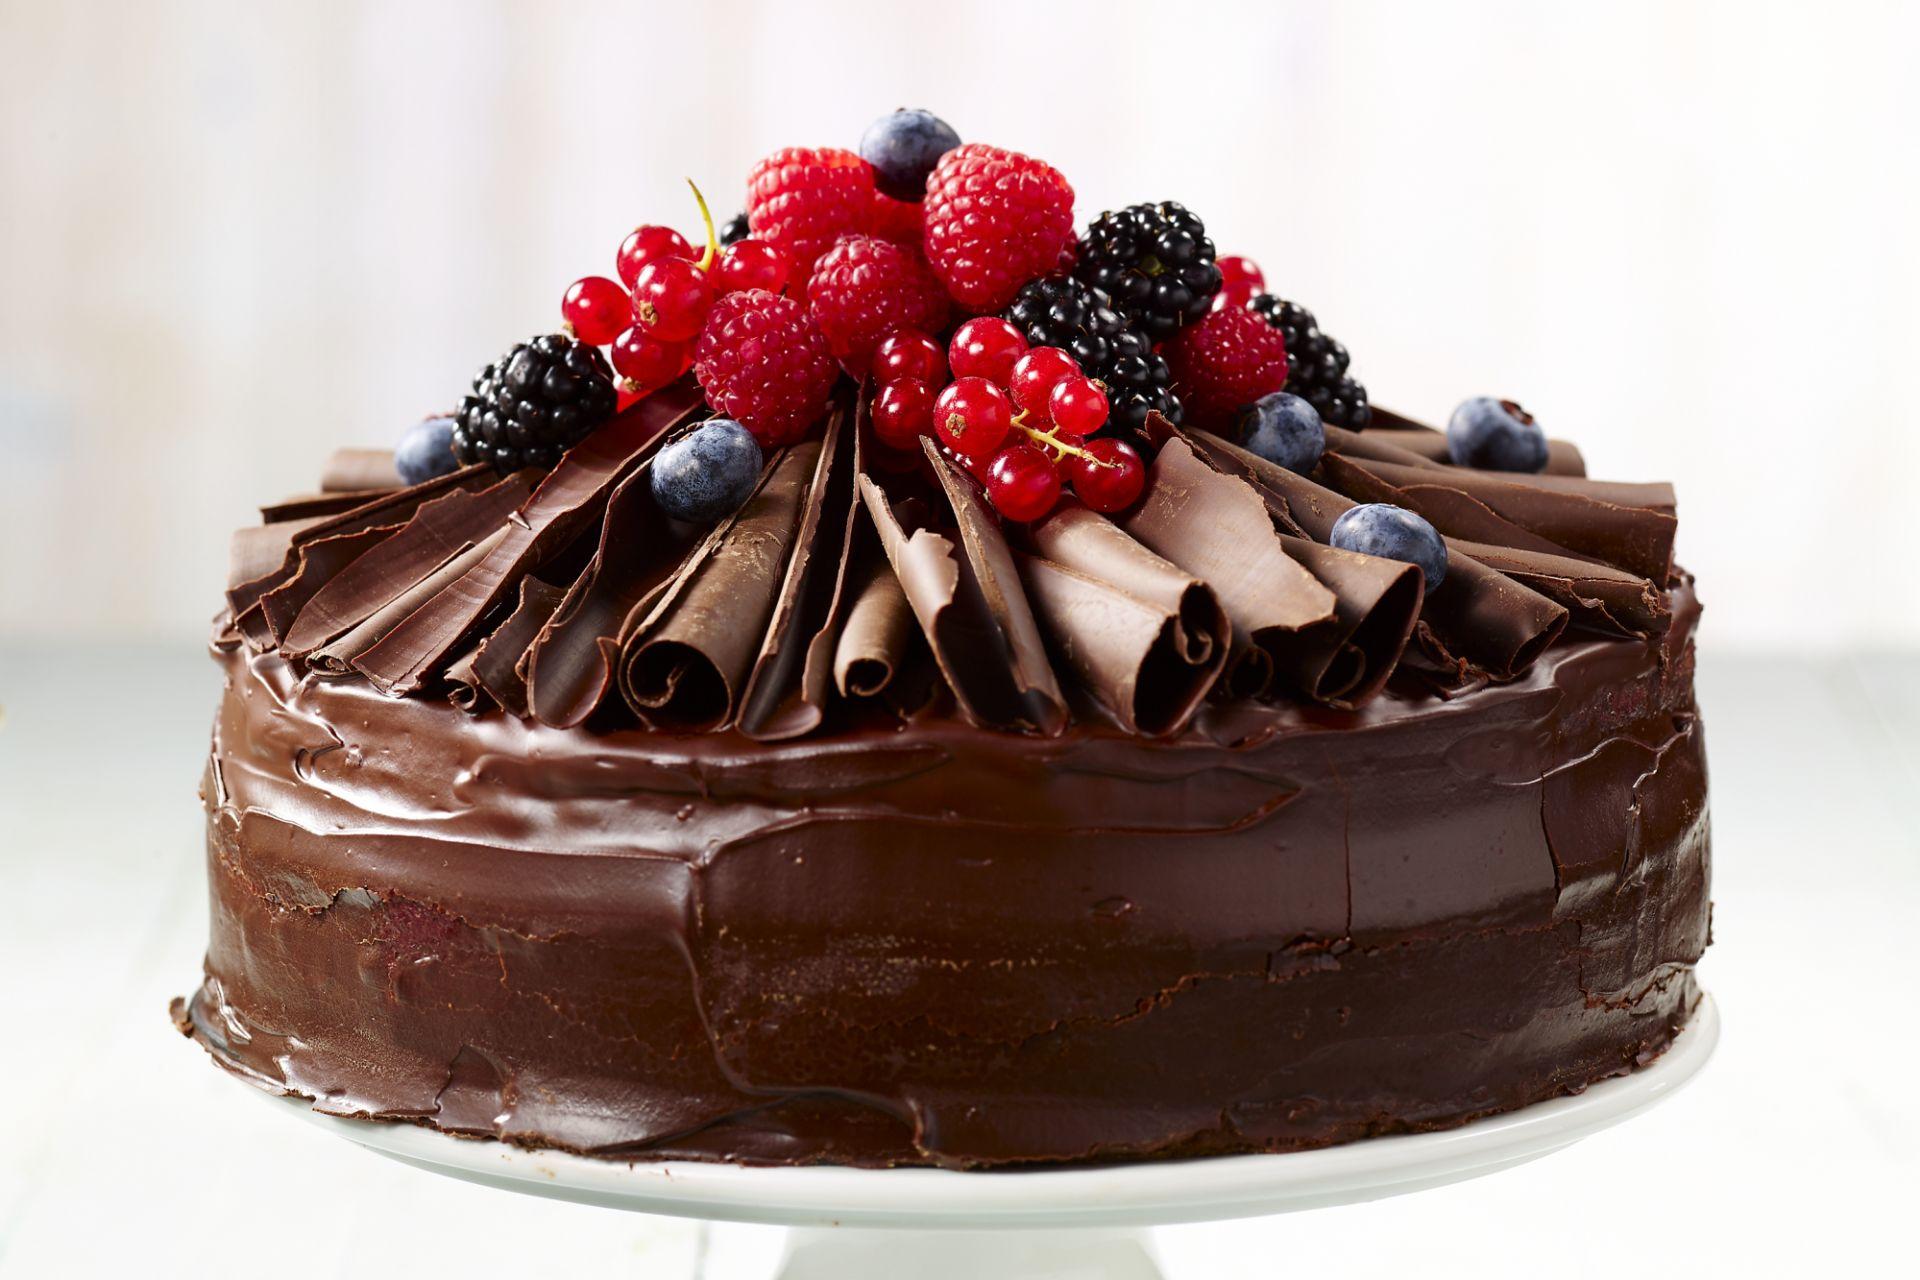 Chocoladetaart met rode vruchten